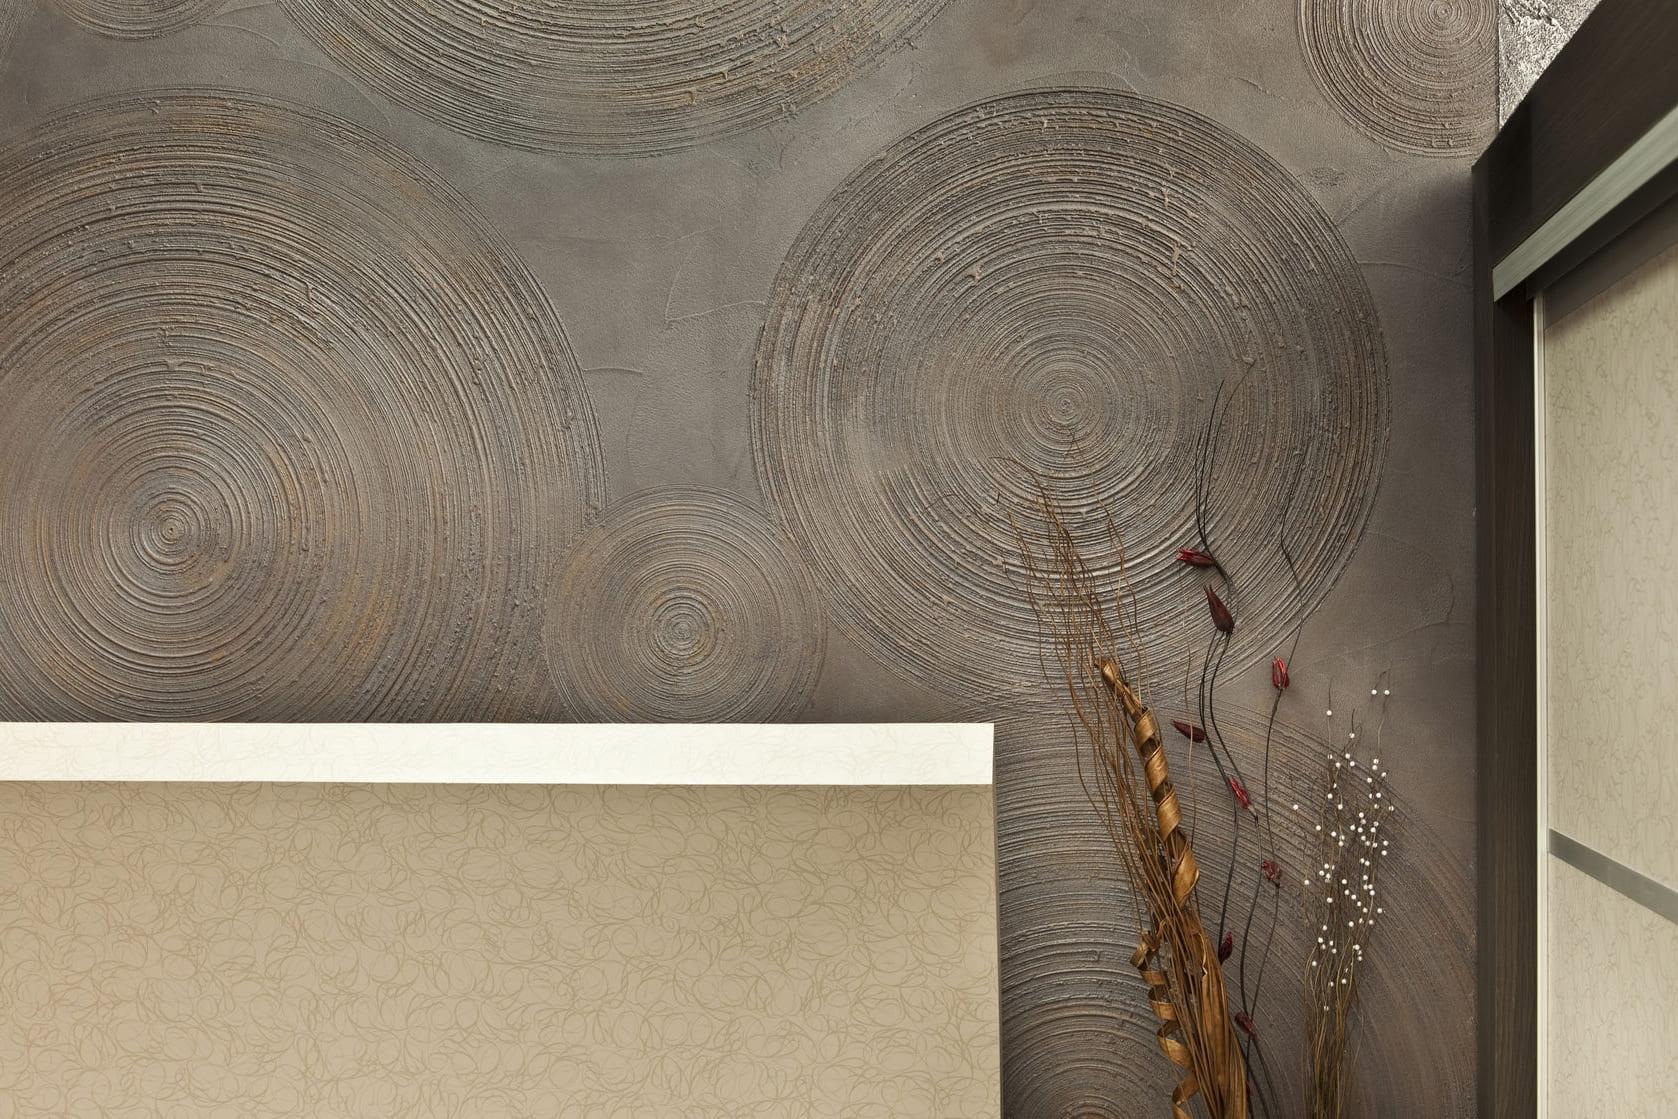 Декоративная штукатурка - лучшие красивые варианты отделки стен в интерьере 096